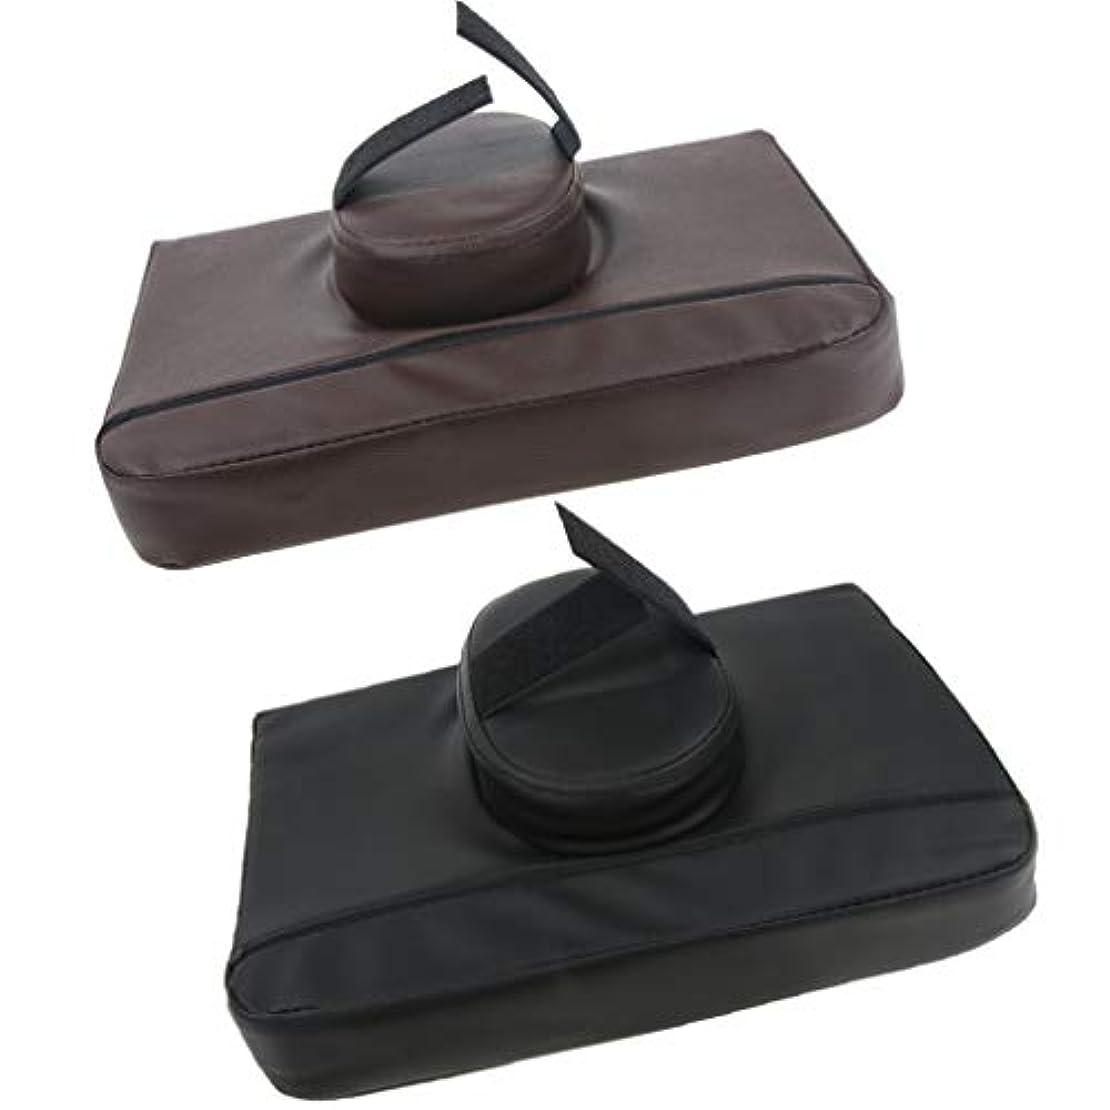 同化申込み叙情的な2個 マッサージ枕 マッサージピロー スクエア マッサージテーブル用 通気性 快適 プレゼント